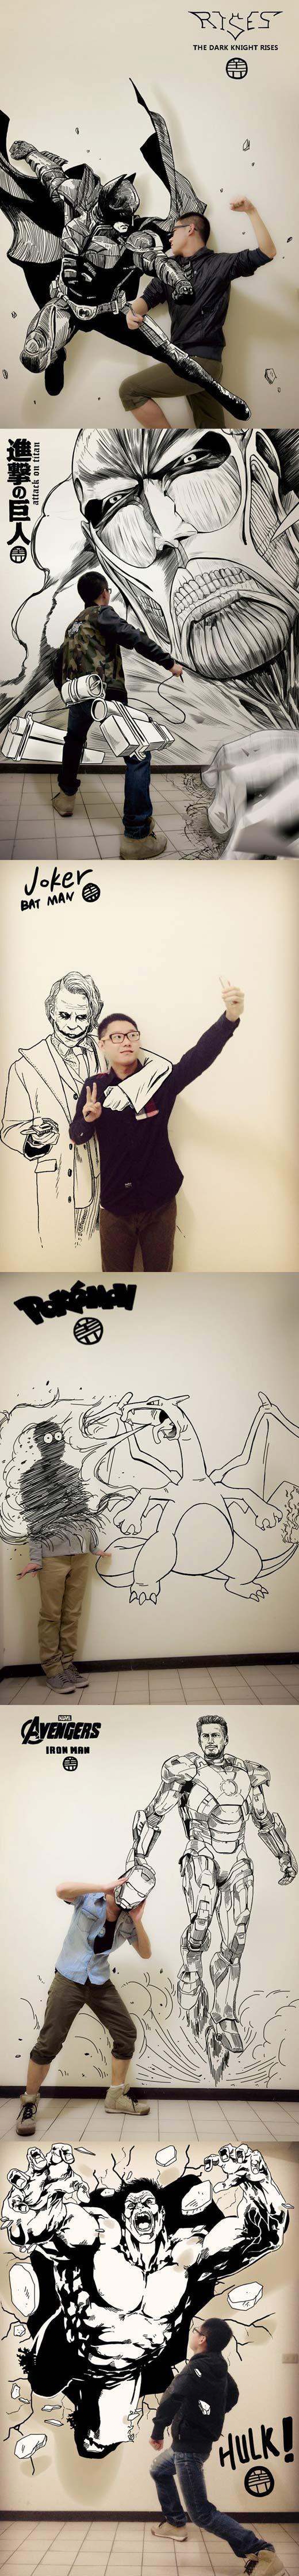 cool-comic-art-wall